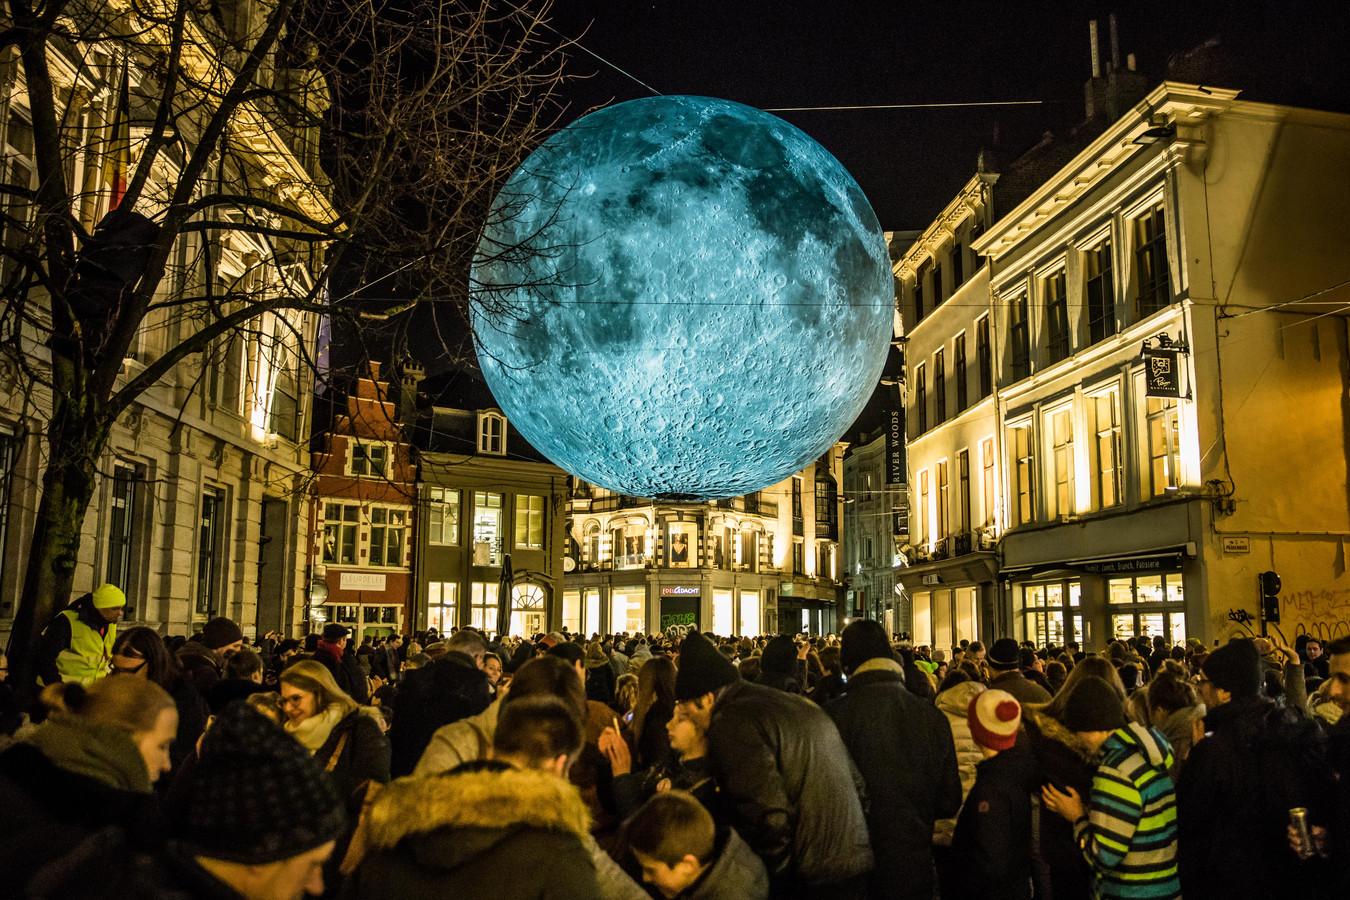 Een bekend beeld uit het Lichtfestival: de prachtige replica van de maan, met daaronder heel veel volk. Dat laatste zal volgend jaar niet gebeuren.